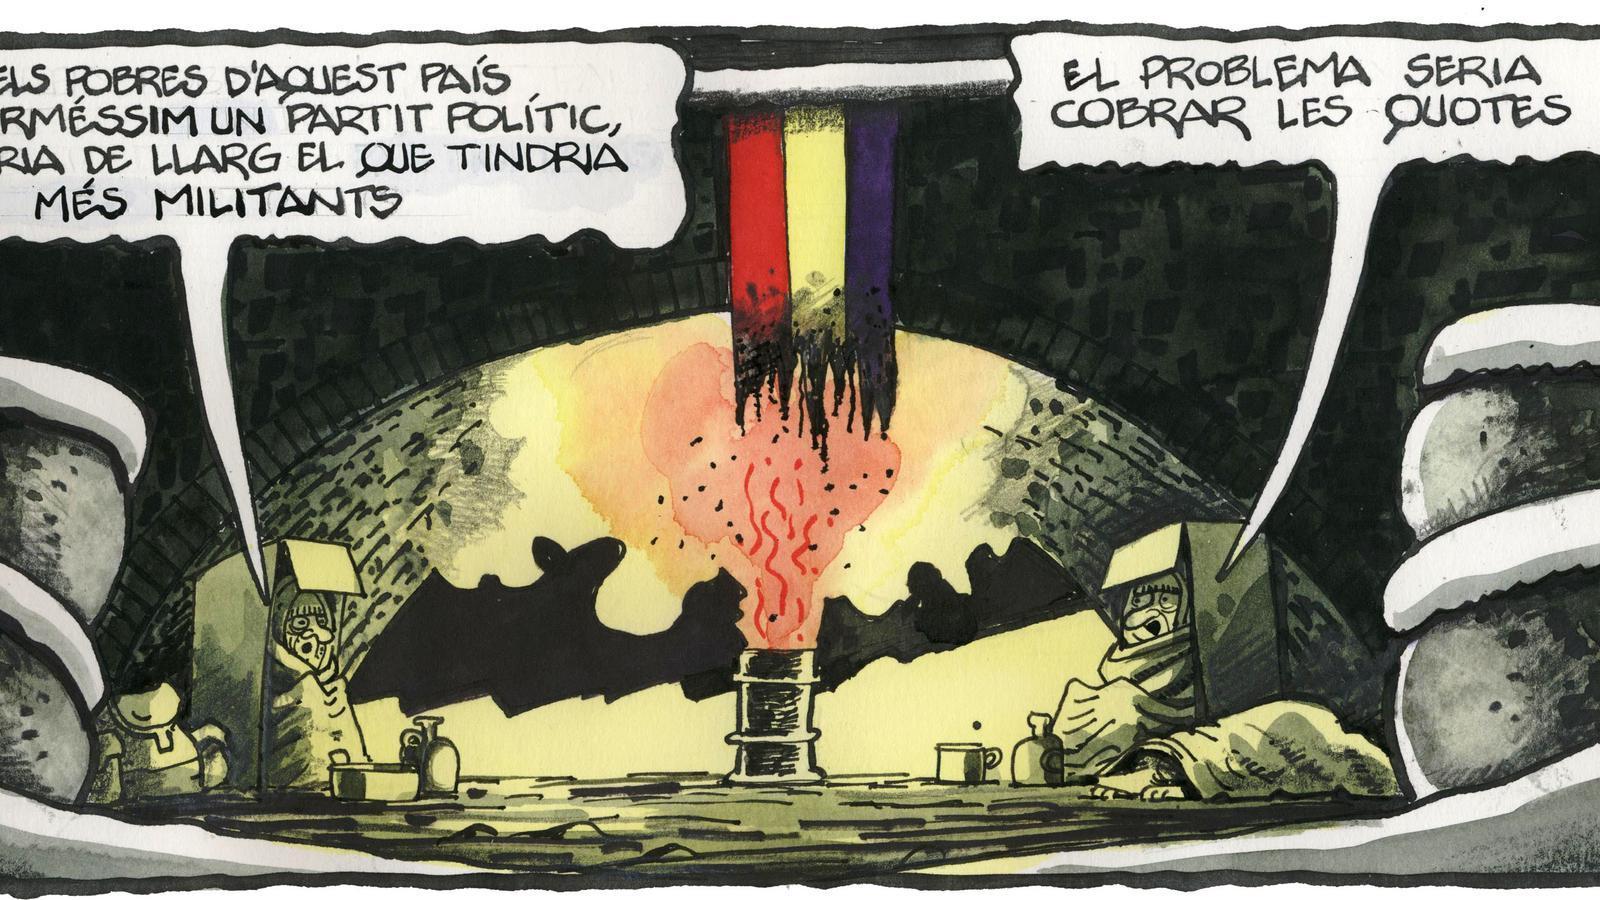 'A la contra', per Ferreres 22/01/2020